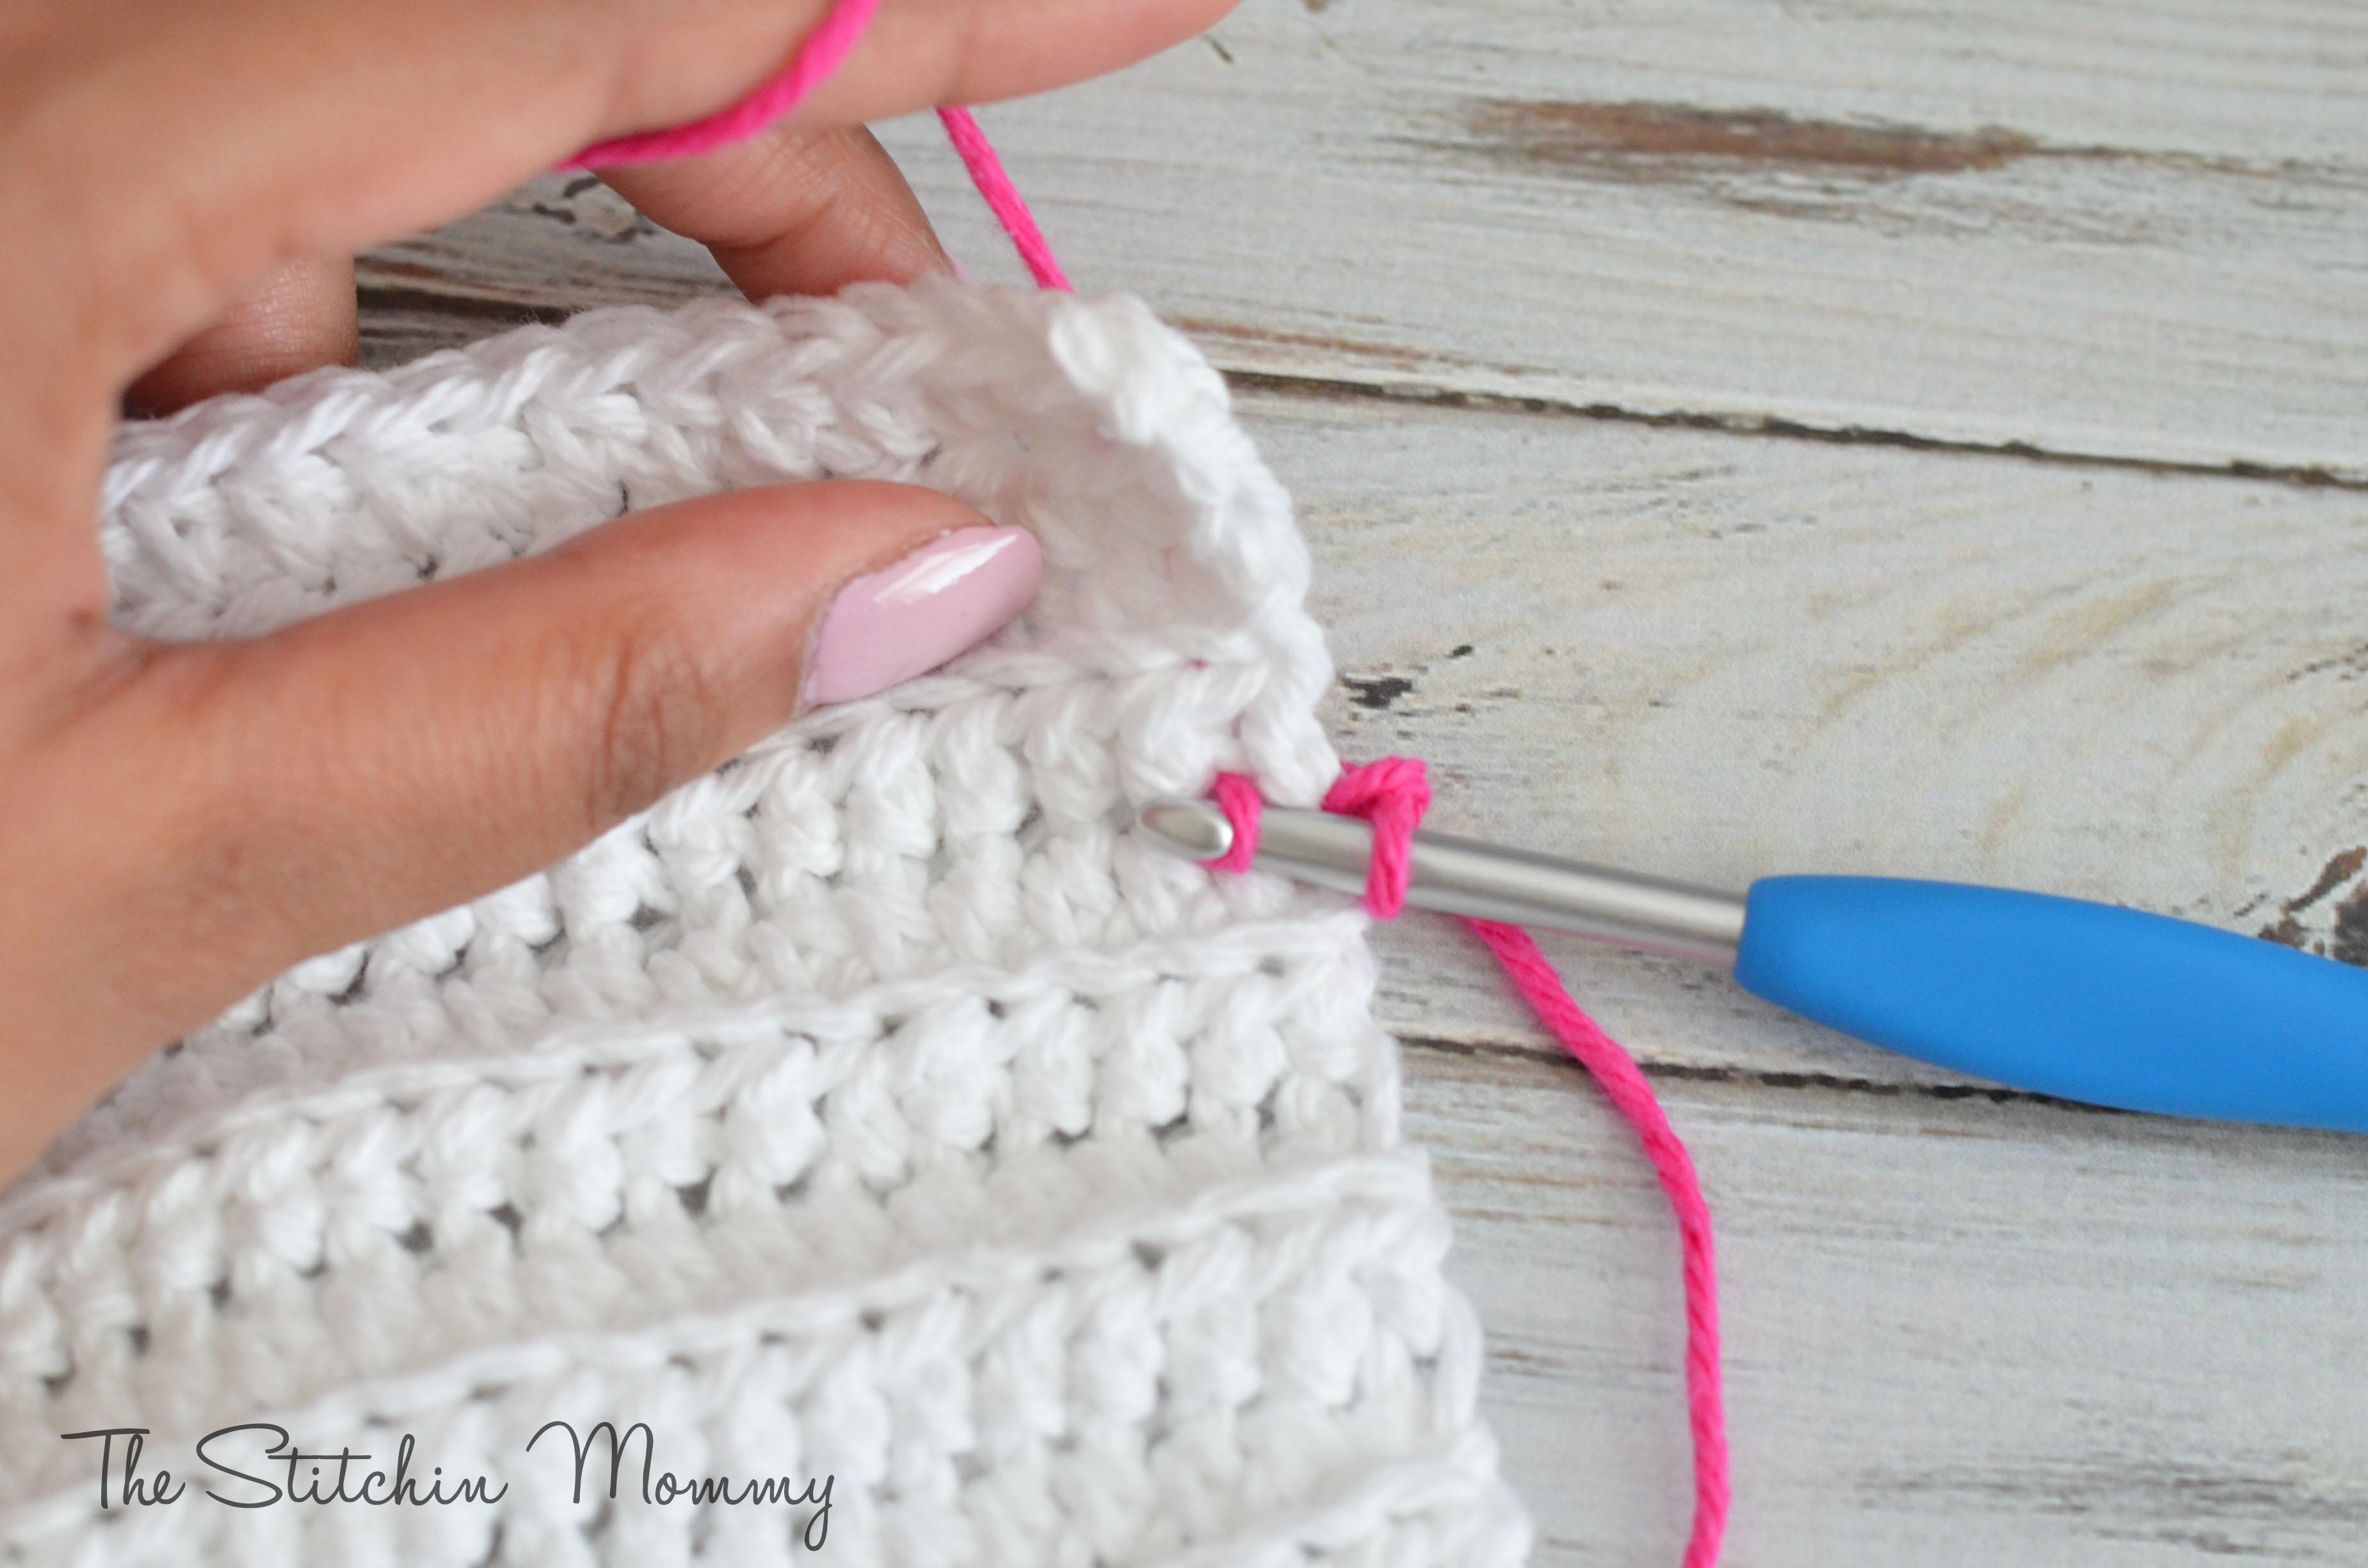 Crochet Striped Dishcloths - www.thestitchinmommy.com